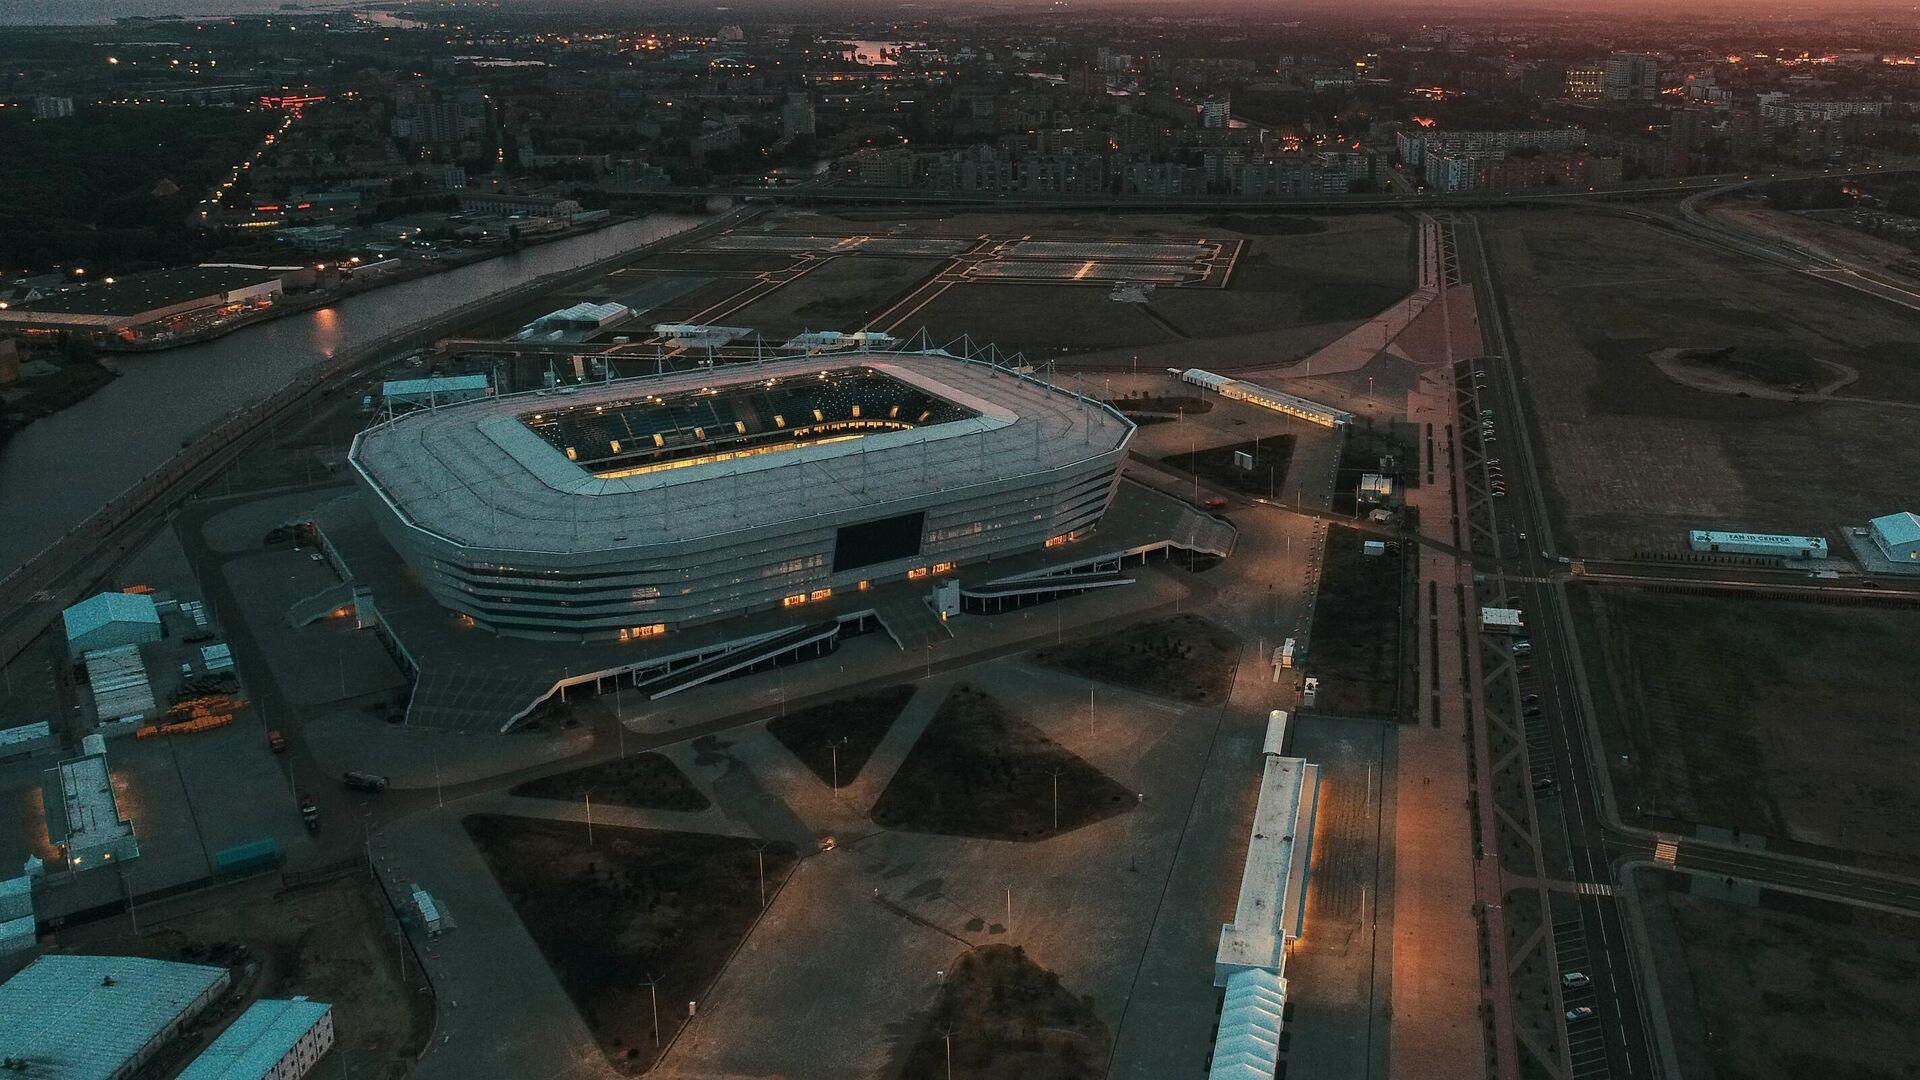 Стадион Калининград Арена - РИА Новости, 1920, 26.05.2021